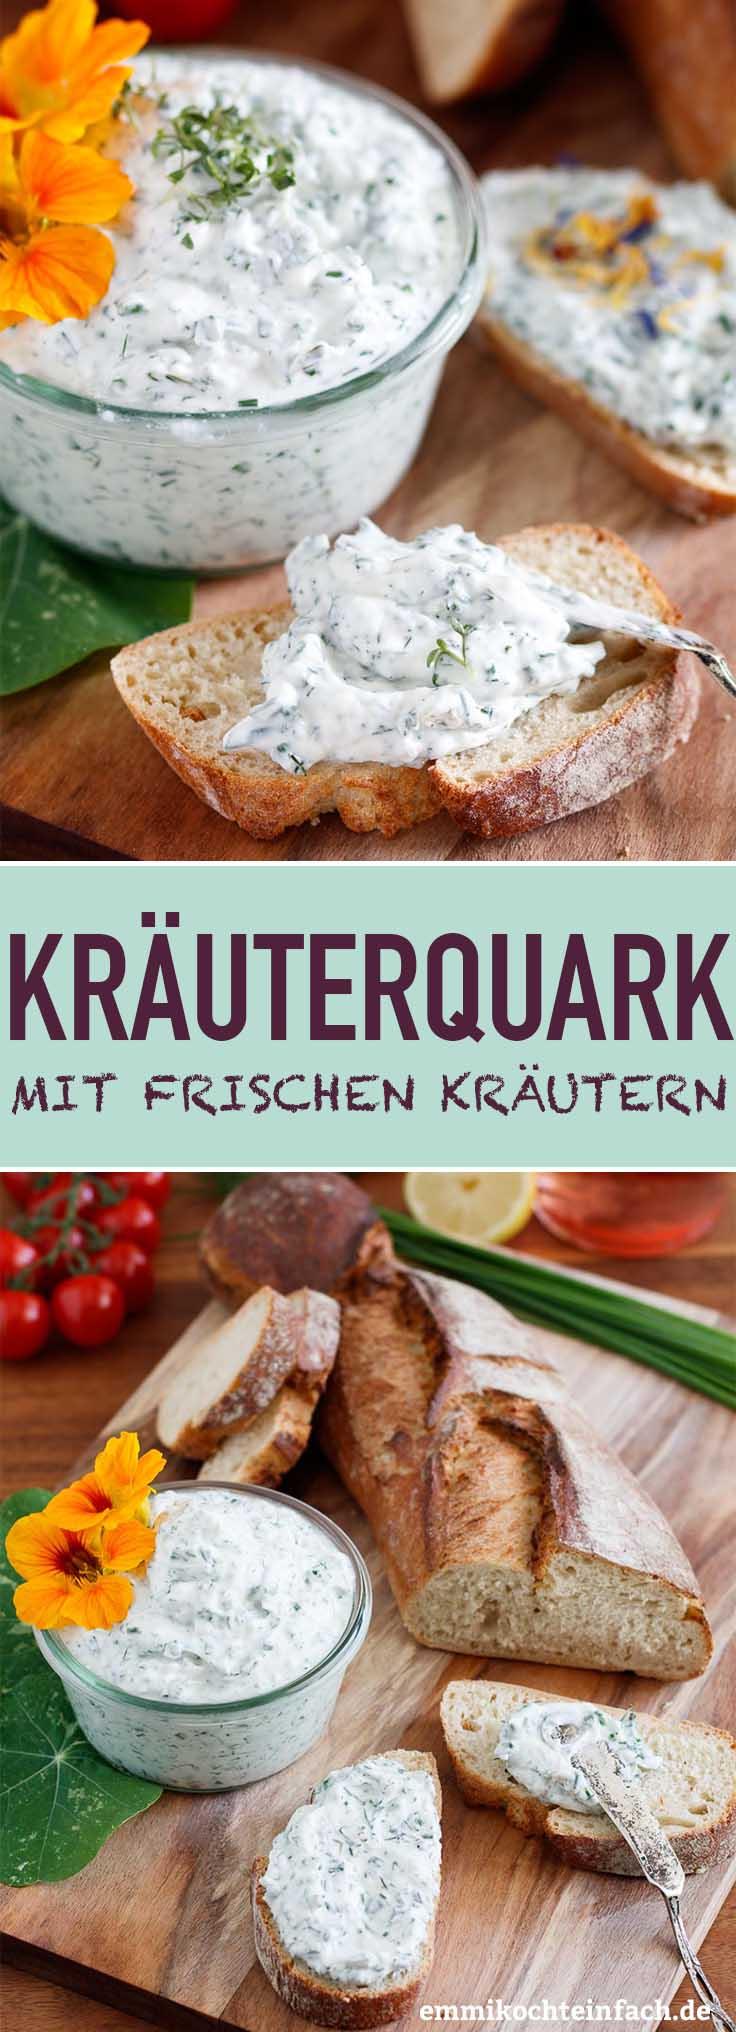 Kräuterquark mit frischen Kräutern - www.emmikochteinfach.de